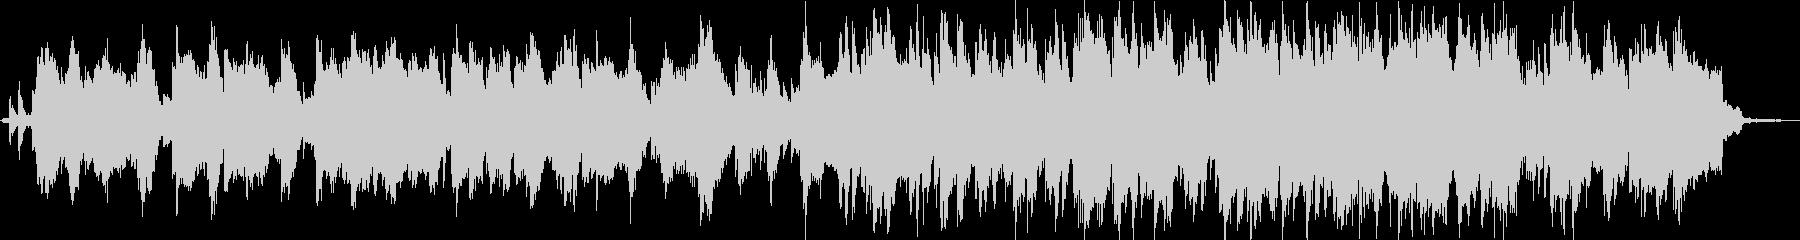 鳥や虫の鳴き声と笛とシンセサイザーの音楽の未再生の波形